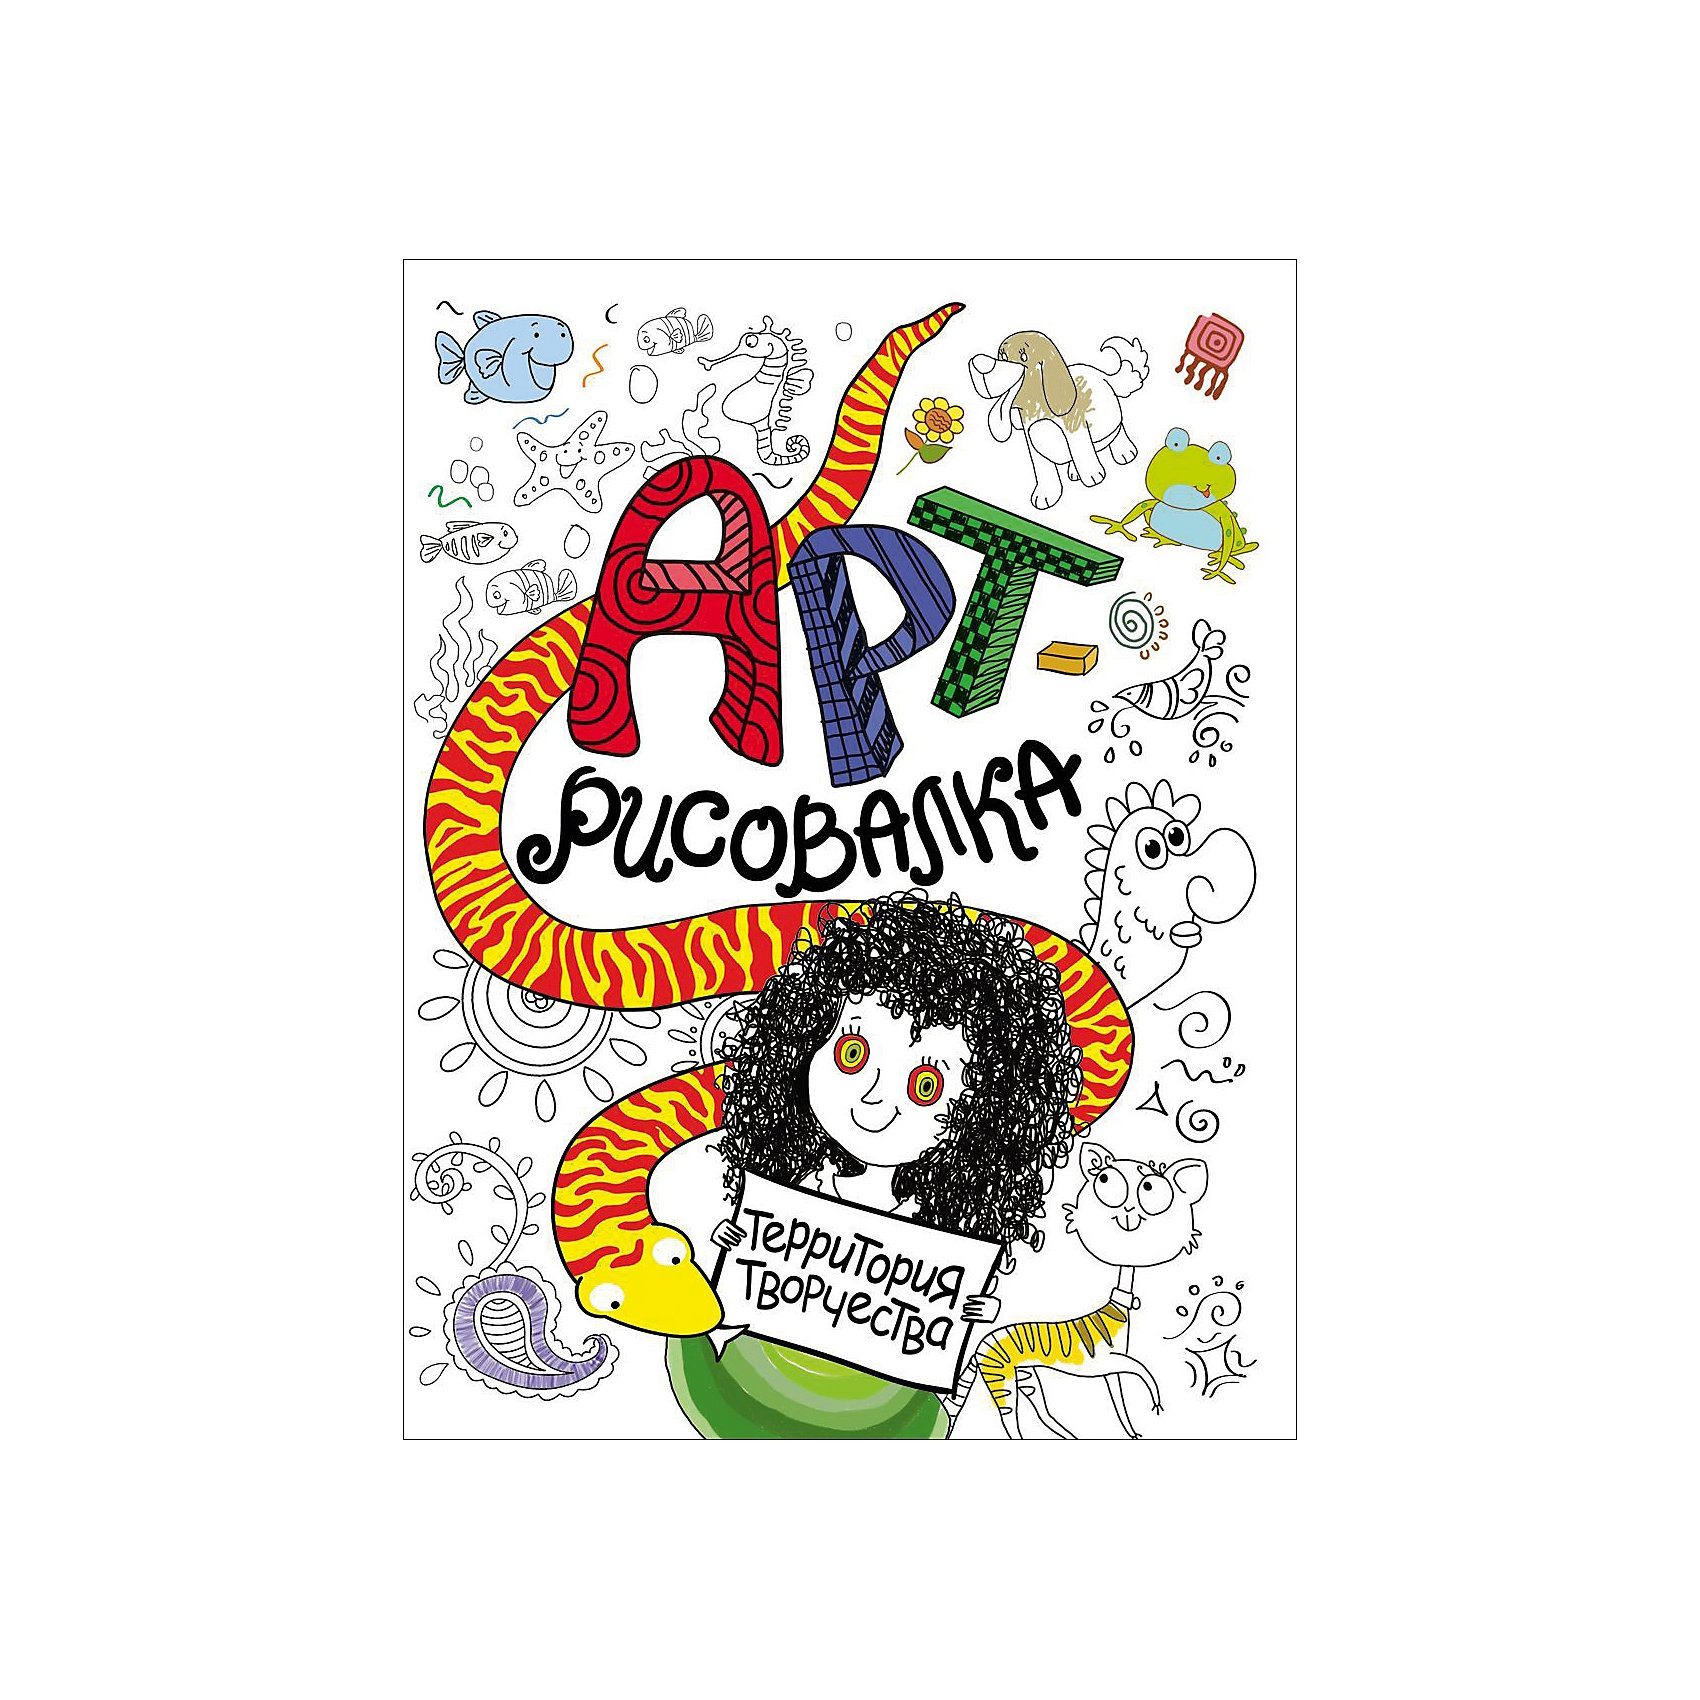 Арт-рисовалка КудряРаскраски по номерам<br>Характеристики товара:<br><br>- цвет: разноцветный;<br>- материал: бумага;<br>- формат: 27 х 21 см;<br>- обложка: мягкая.<br><br>Это издание станет отличным подарком для ребенка. Оно поможет малышу развить художественные навыки и весело провести время! Талантливый иллюстратор дополнил книгу качественными рисунками, которые можно дополнить или перерисовать.<br>Рисование даже в юном возрасте помогает ребенку развивать зрительную память, концентрацию внимания и воображение. Издание произведено из качественных материалов, которые безопасны даже для самых маленьких.<br><br>Арт-рисовалку Кудря от компании Росмэн можно купить в нашем интернет-магазине.<br><br>Ширина мм: 275<br>Глубина мм: 212<br>Высота мм: 2<br>Вес г: 73<br>Возраст от месяцев: 0<br>Возраст до месяцев: 36<br>Пол: Унисекс<br>Возраст: Детский<br>SKU: 5110107